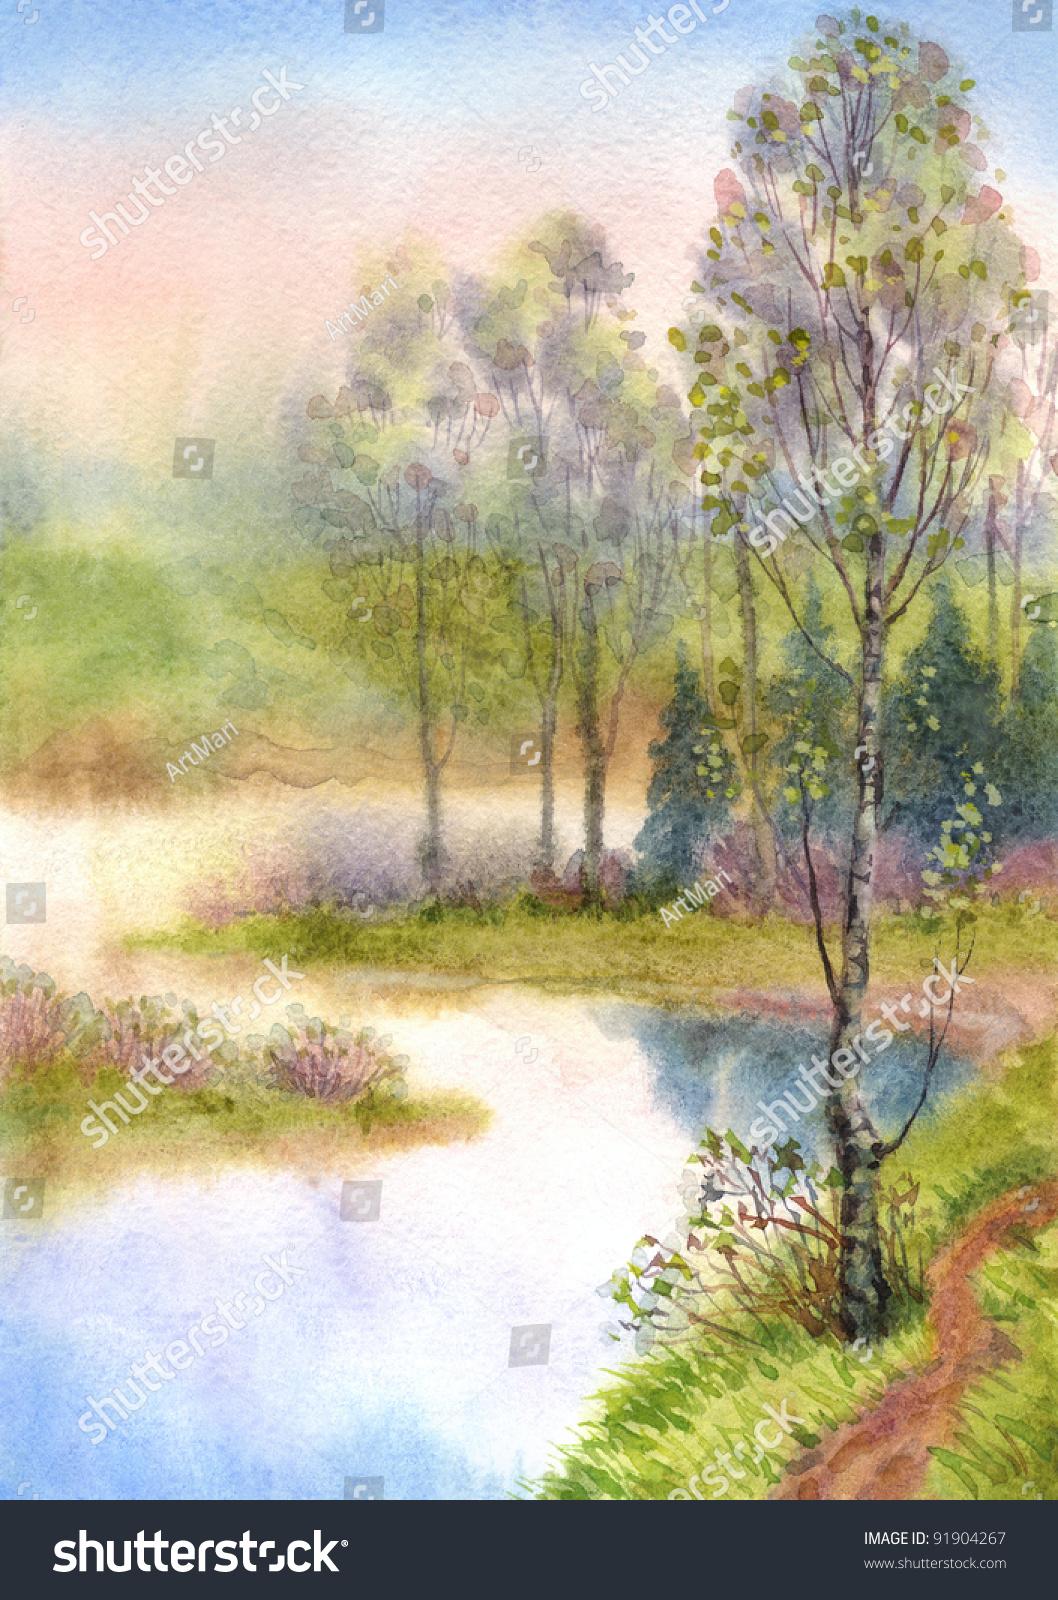 水彩风景。一个安静的春天的傍晚。小树的叶子一直不以为然的表面光滑一个宁静的湖泊 - 艺术,自然 - 站酷海洛创意正版图片,视频,音乐素材交易平台 - Shutterstock中国独家合作伙伴 - 站酷旗下品牌